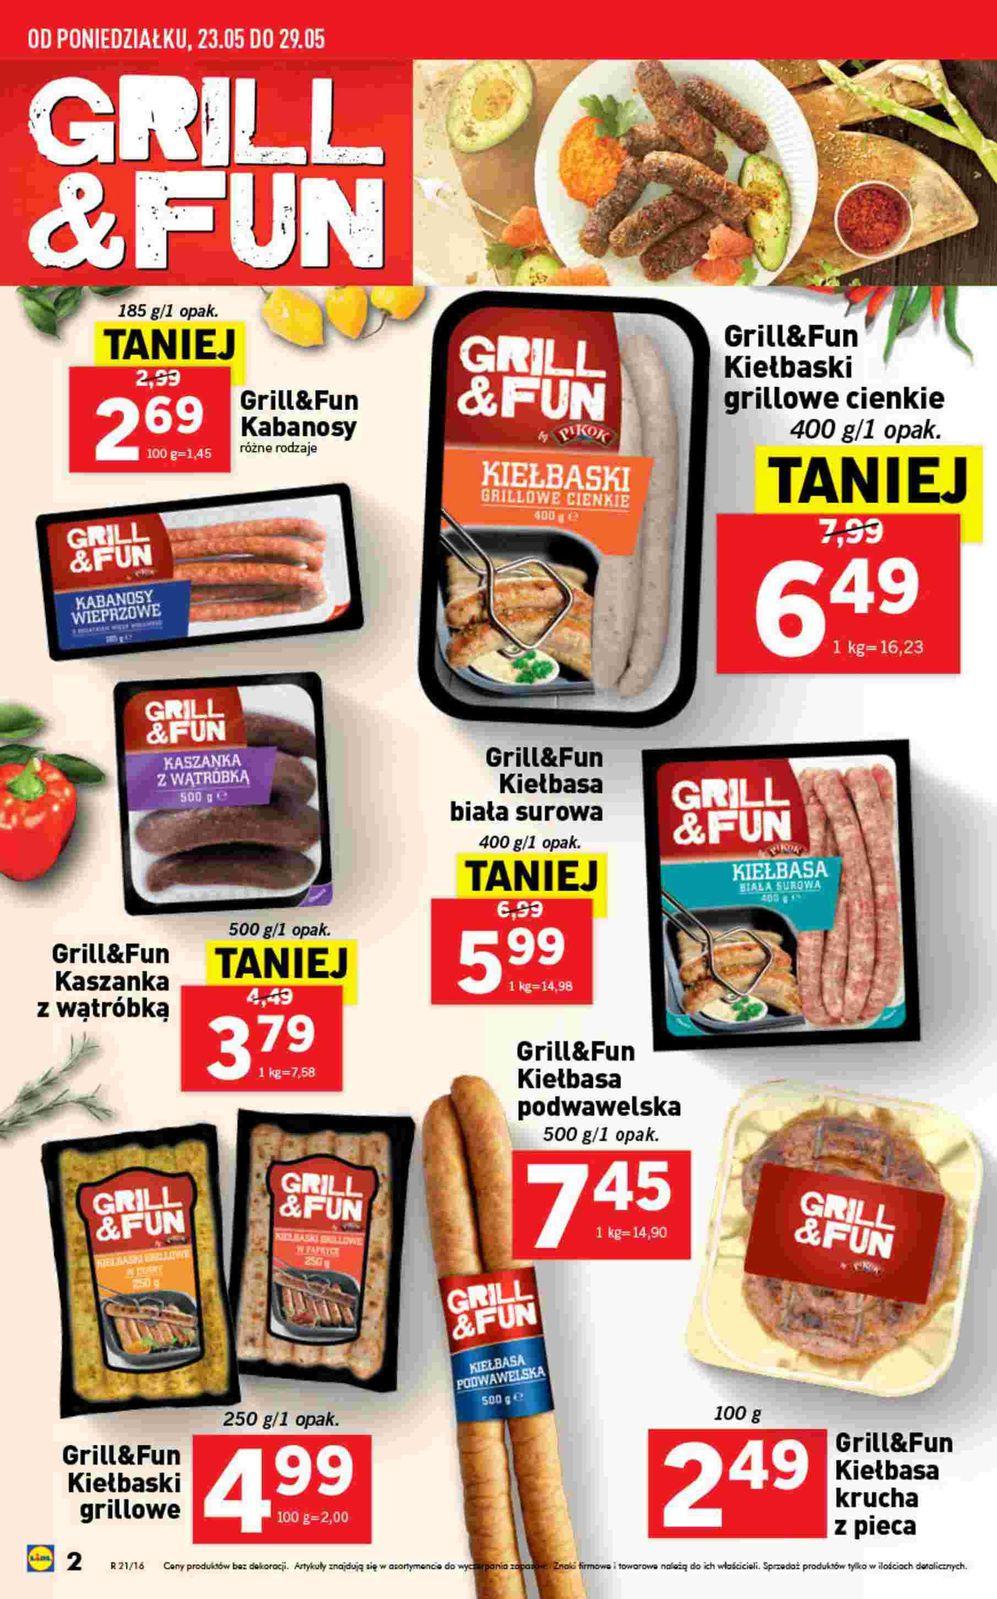 """gazetka promocyjna i reklamowa lidl, """"grill & fun"""", od 23/05/2016 do"""